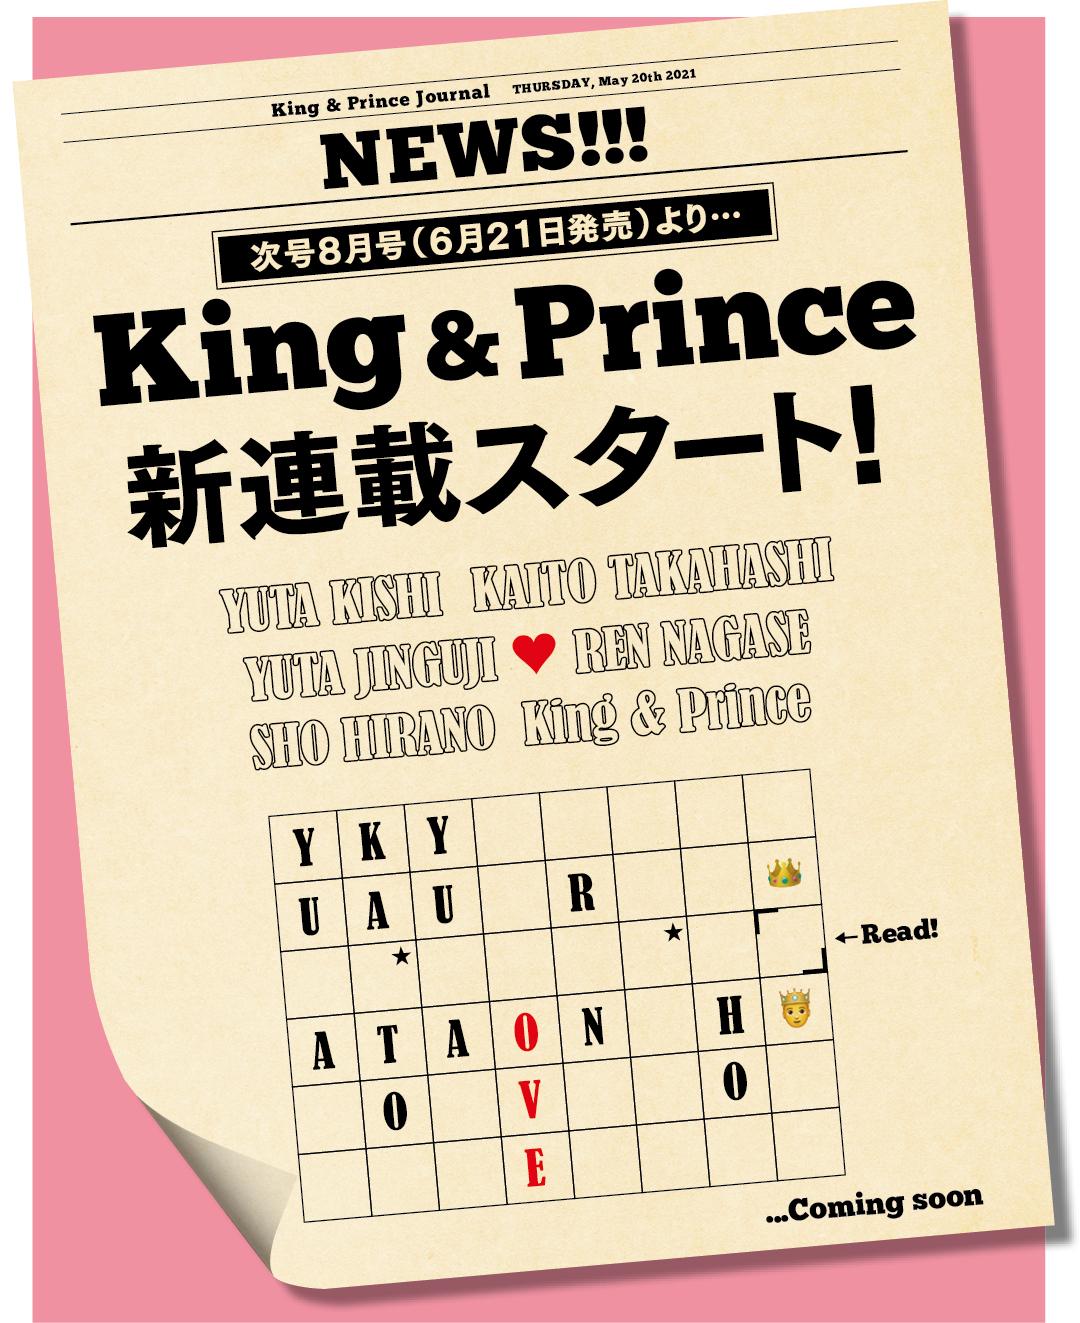 ノンノでKing & Princeの新連載スタート!